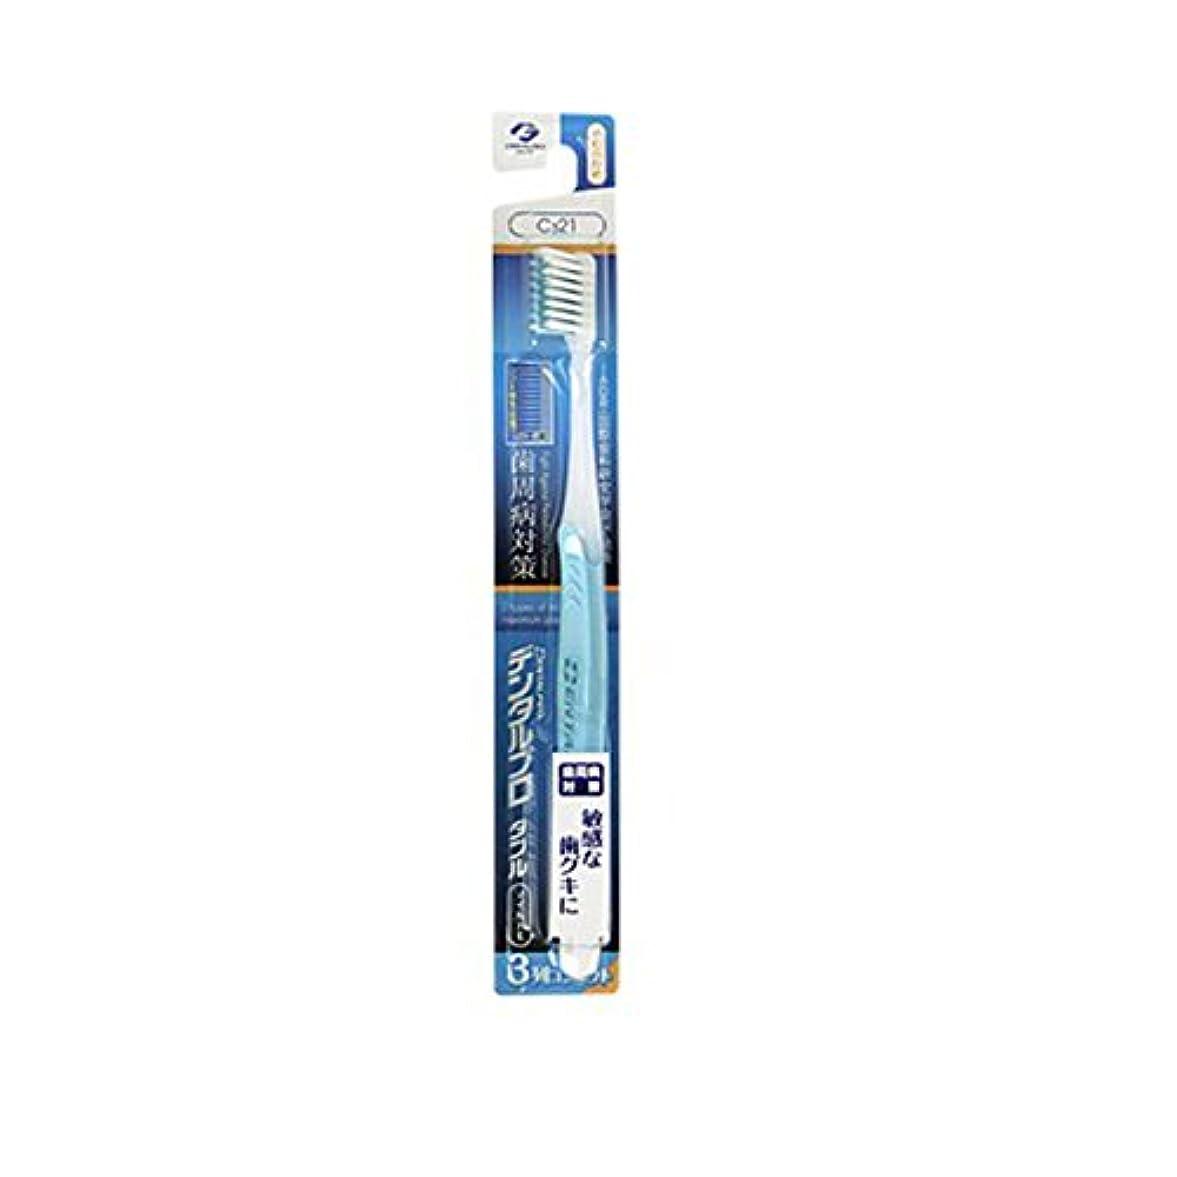 ホール抑制ボアデンタルプロ ダブル マイルド 3列 歯ブラシ 1本 やわらかめ カラー指定なし